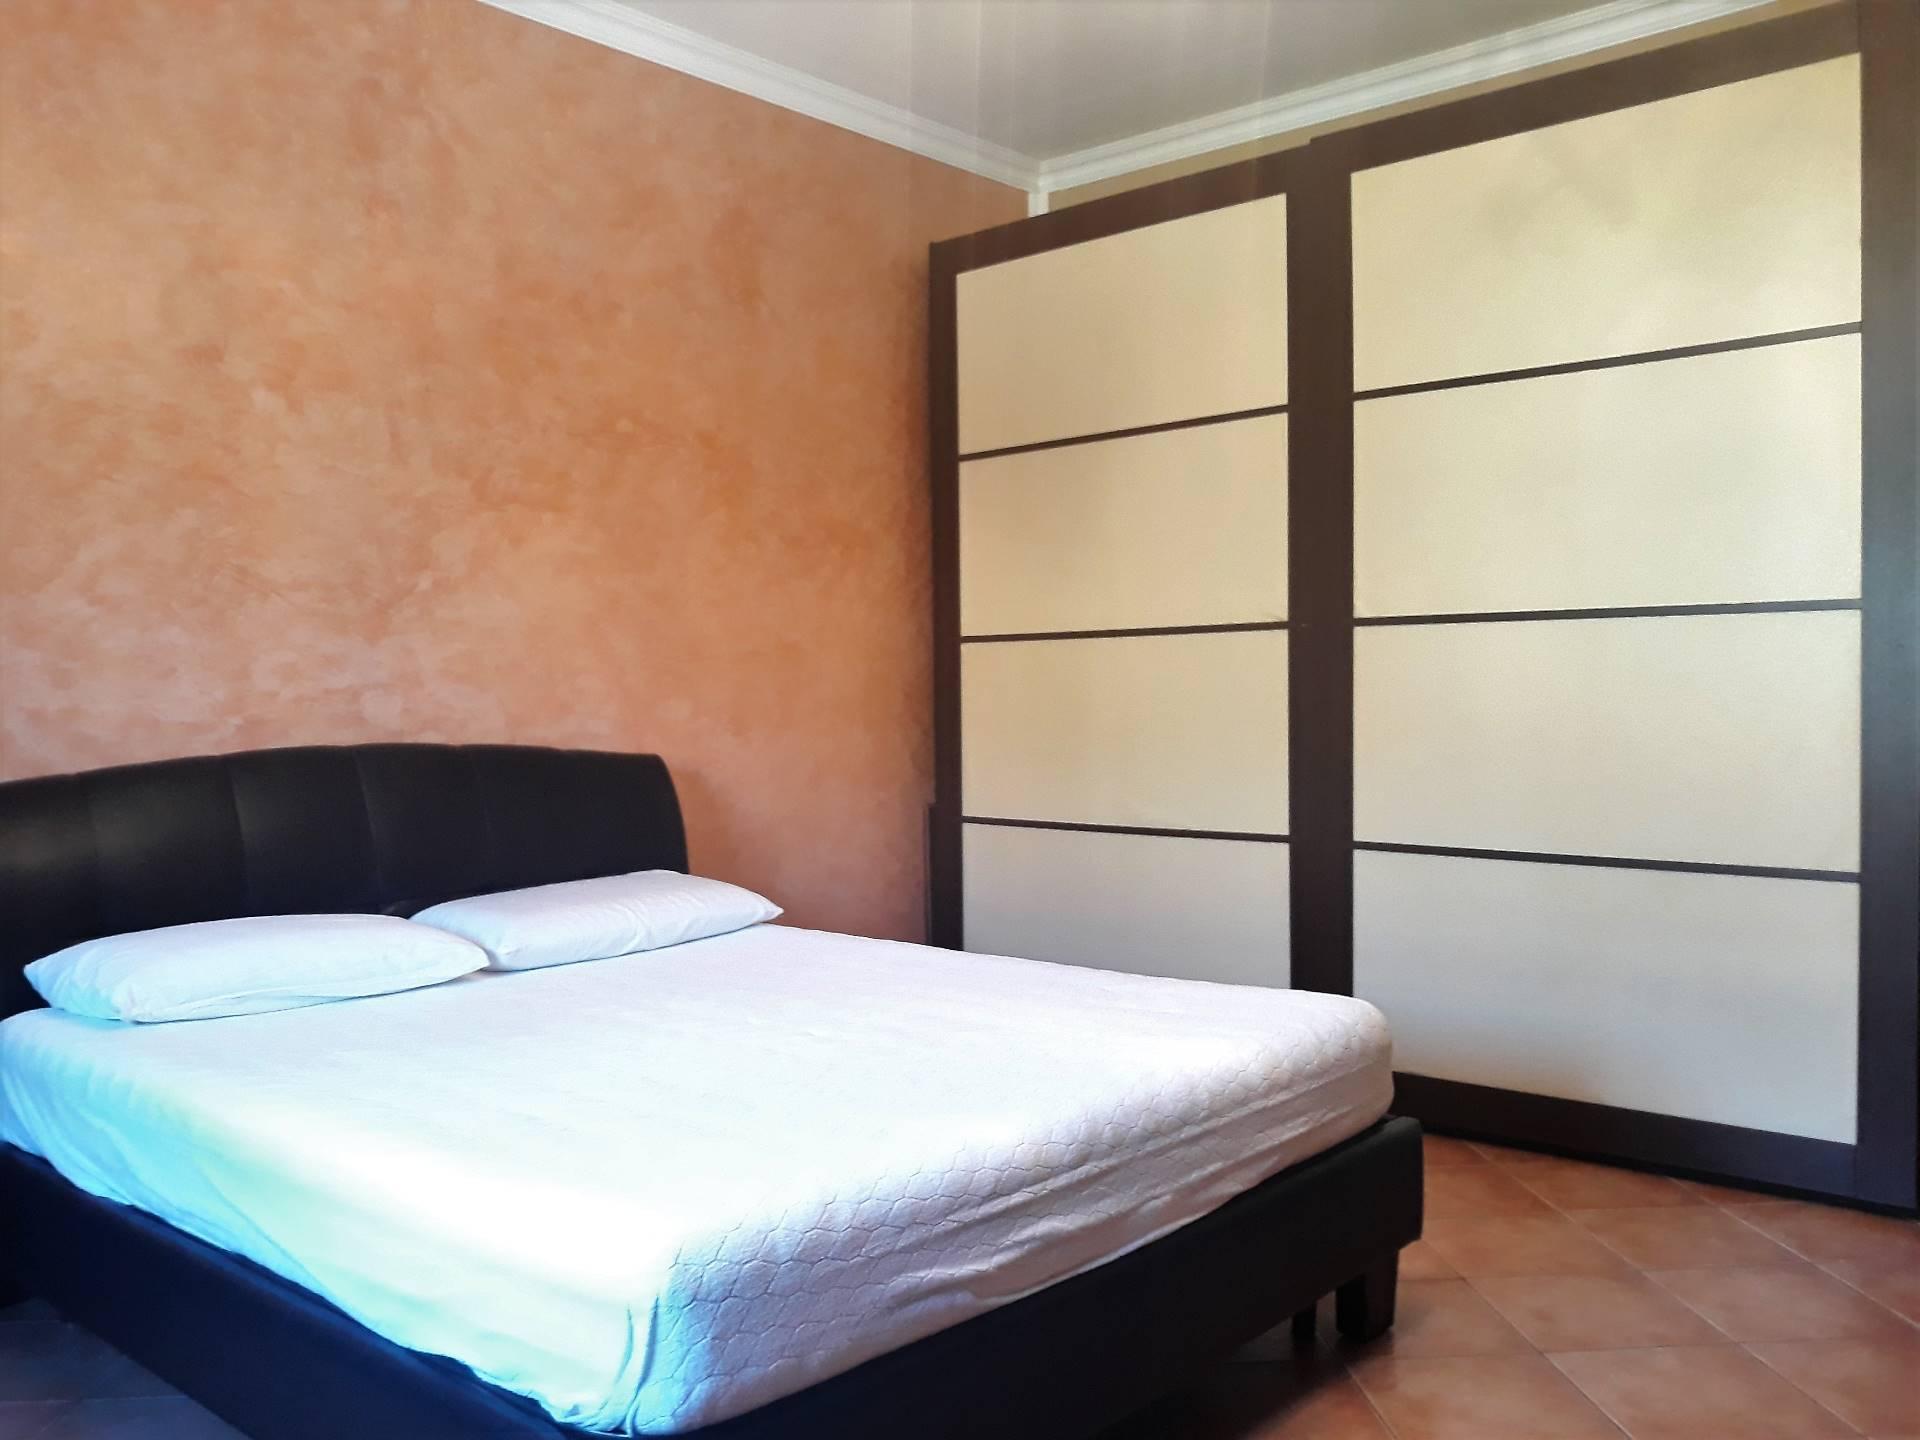 Appartamento in vendita a Empoli, 5 locali, zona Località: Carraia, prezzo € 350.000 | CambioCasa.it